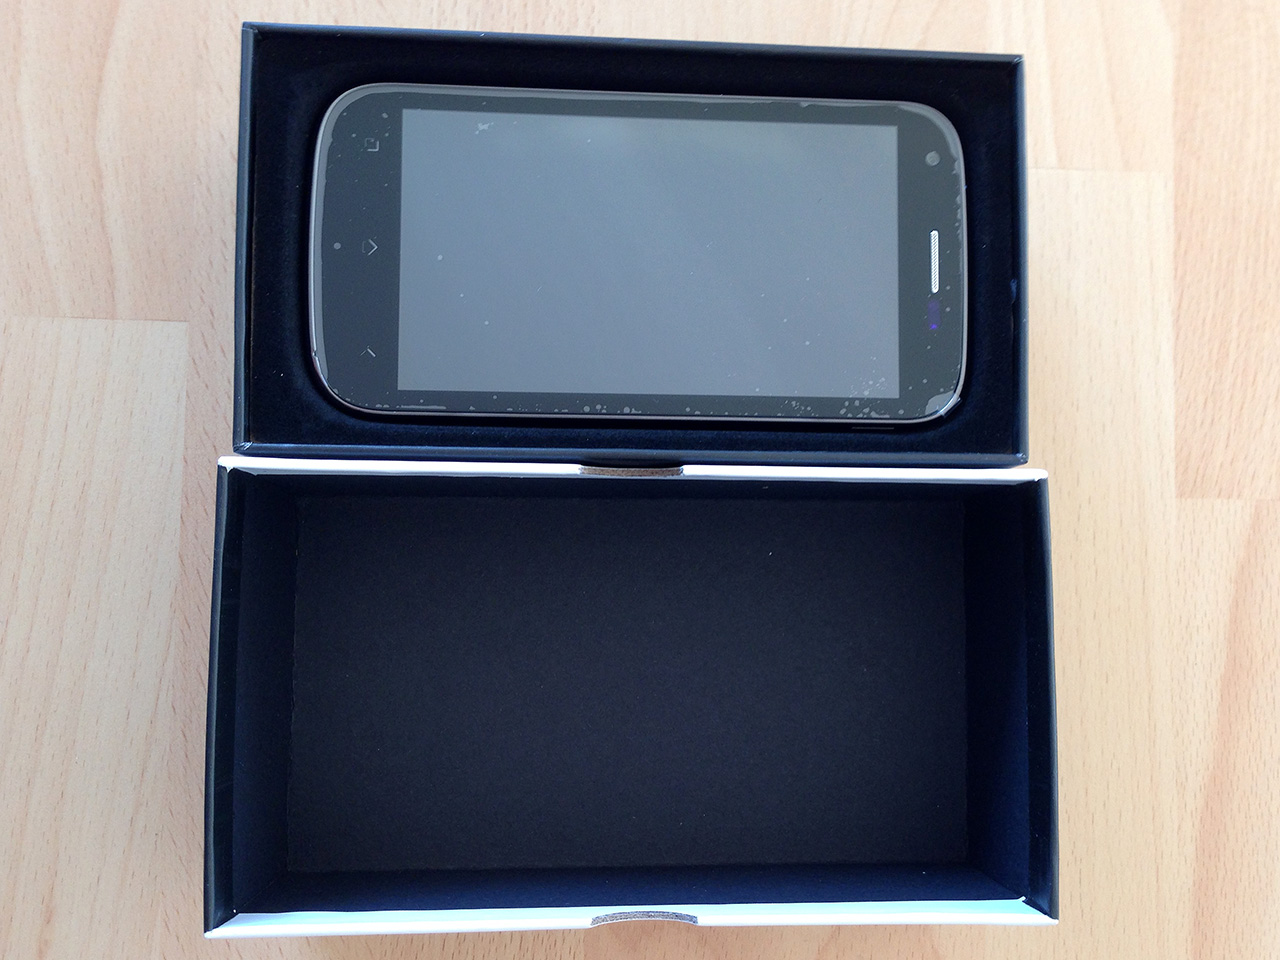 Smartphone-Test: Wiko Cink Peax 2